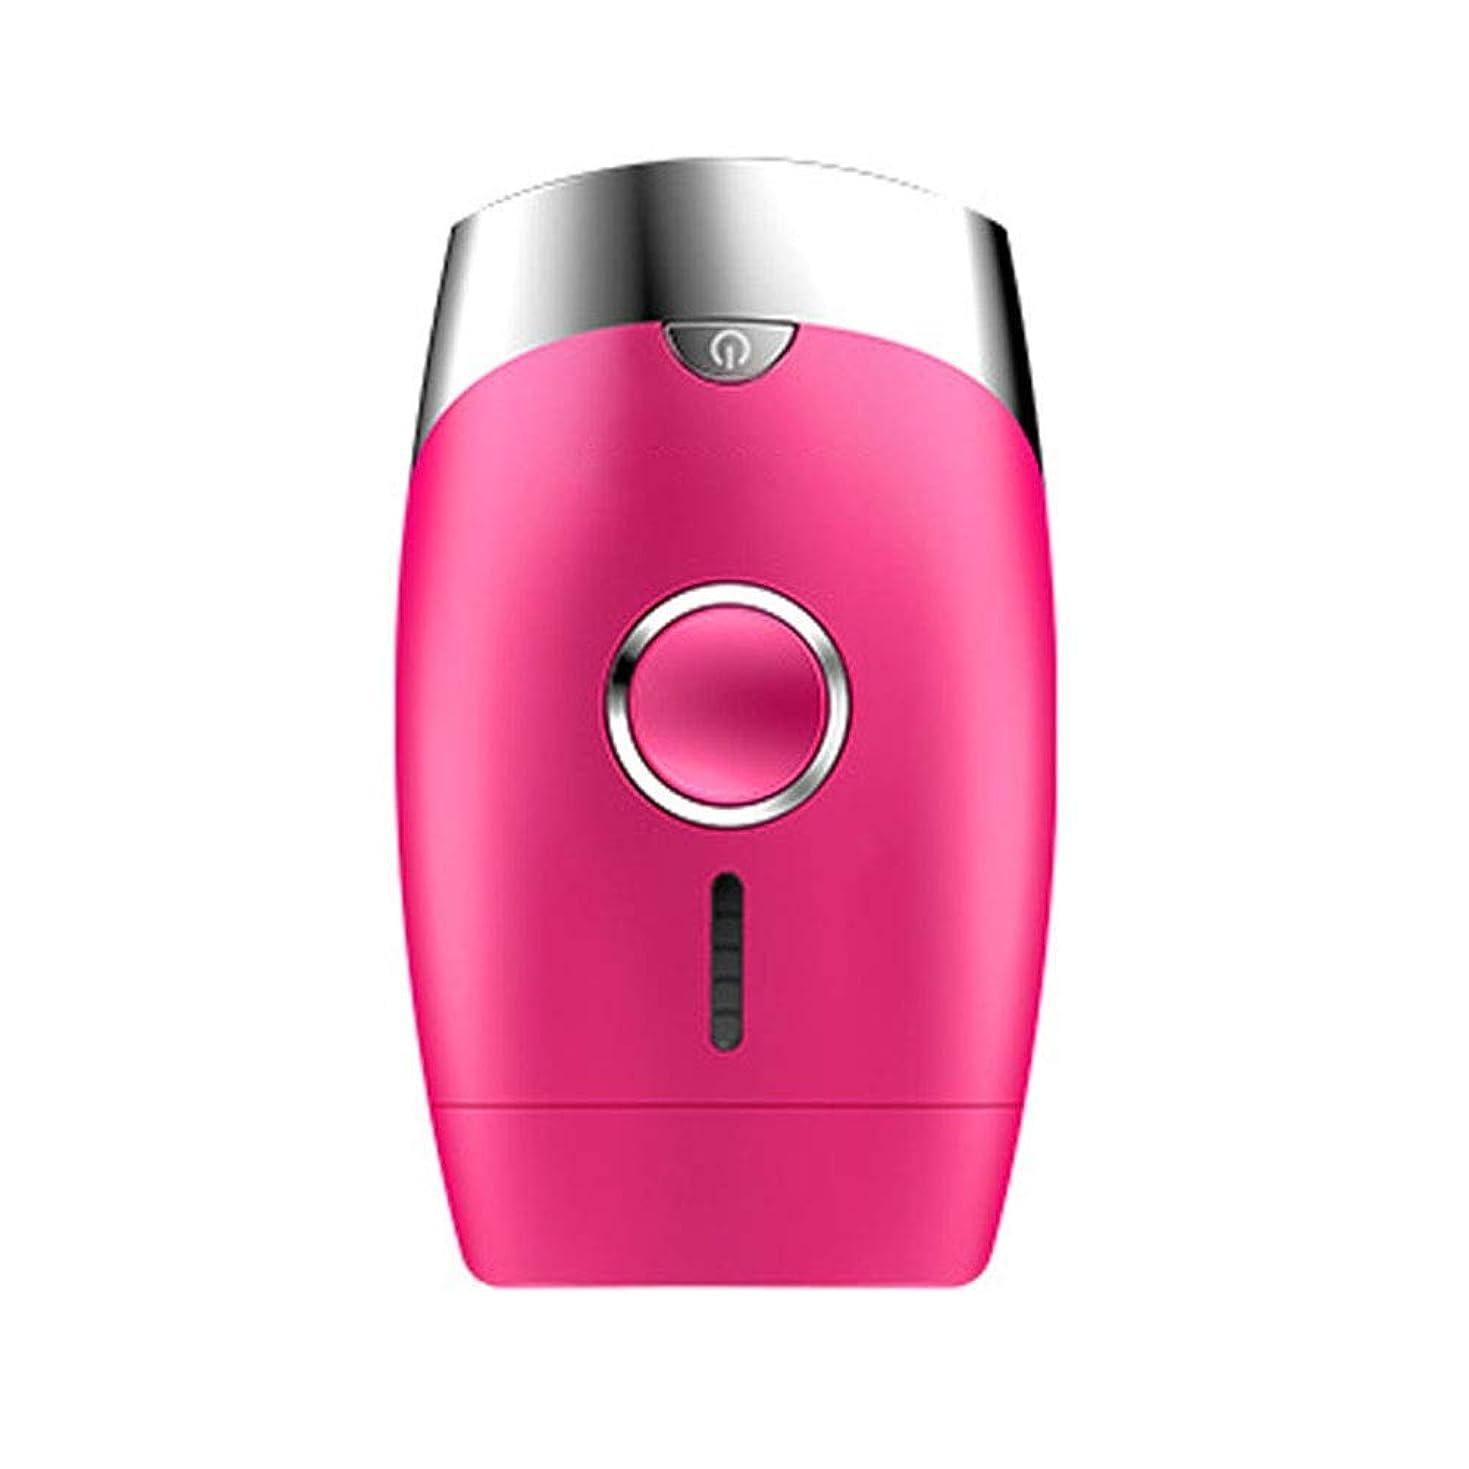 繊維葉っぱ乱れNuanxin ピンク、5スピード調整、インテリジェント家庭用痛みのない凝固点ヘアリムーバー、シングルフラッシュ/連続フラッシュ、サイズ13.9 X 8.3 X 4.8 Cm F30 (Color : Pink)